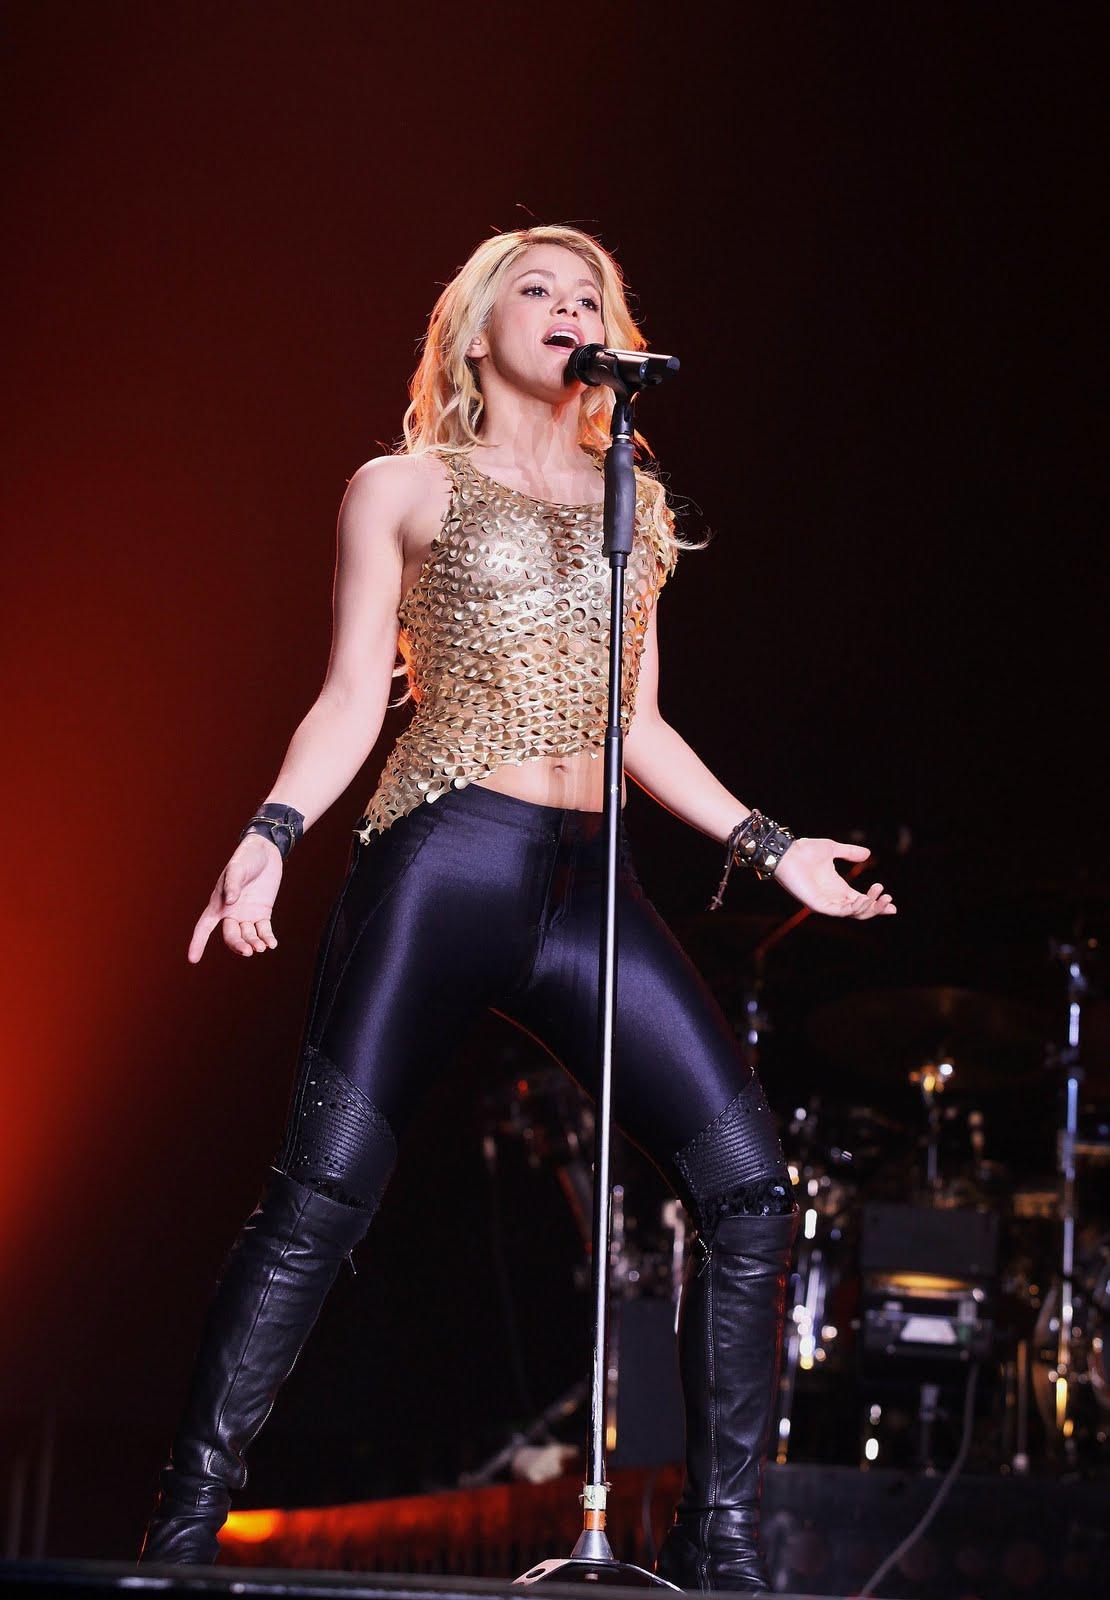 Galería » Apariciones, candids, conciertos... 78426_Shakira_PerformingliveinAssagoForuminMilanItalyMay32011_By_oTTo13_122_122lo